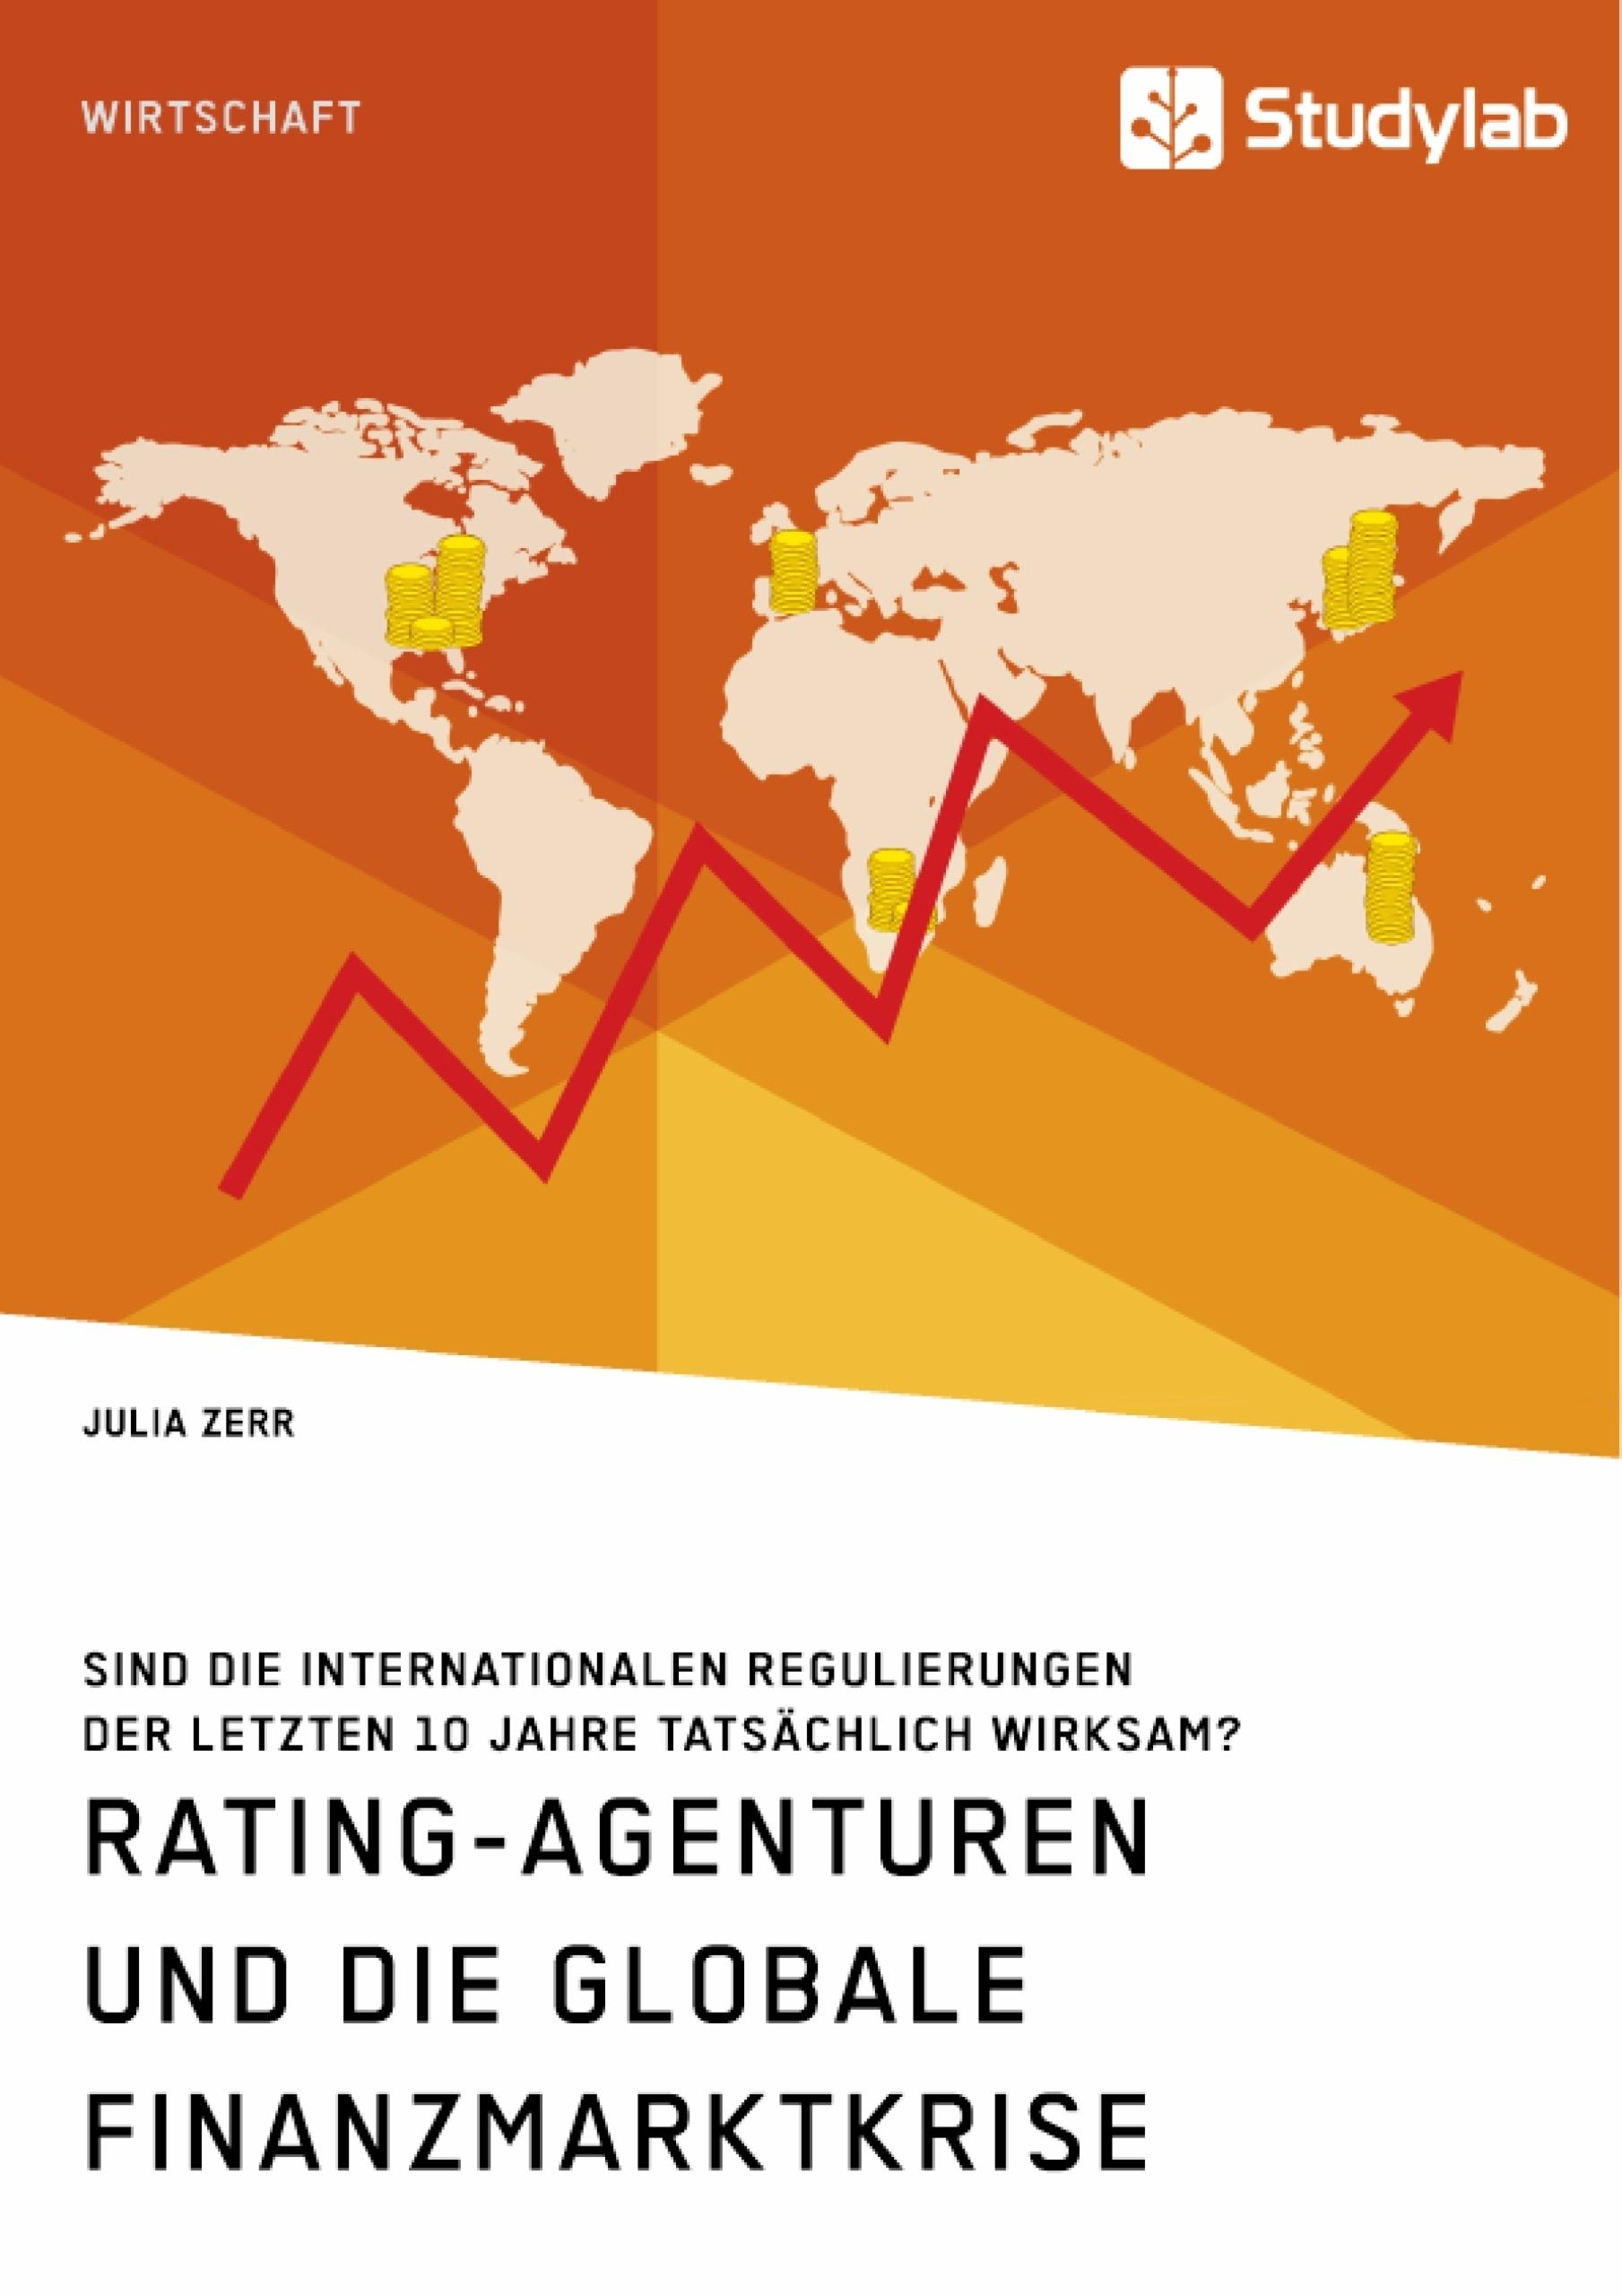 Titel: Rating-Agenturen und die globale Finanzmarktkrise. Sind die internationalen Regulierungen der letzten 10 Jahre tatsächlich wirksam?